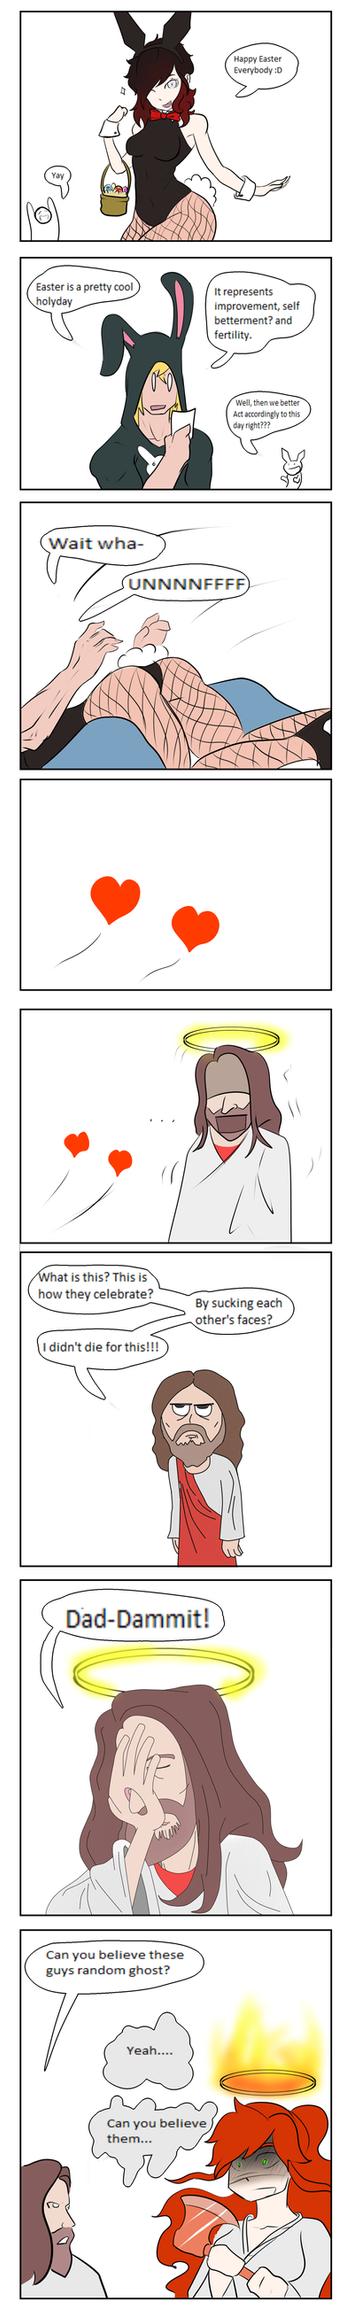 Easter Shenanigans by LeonardoFRei